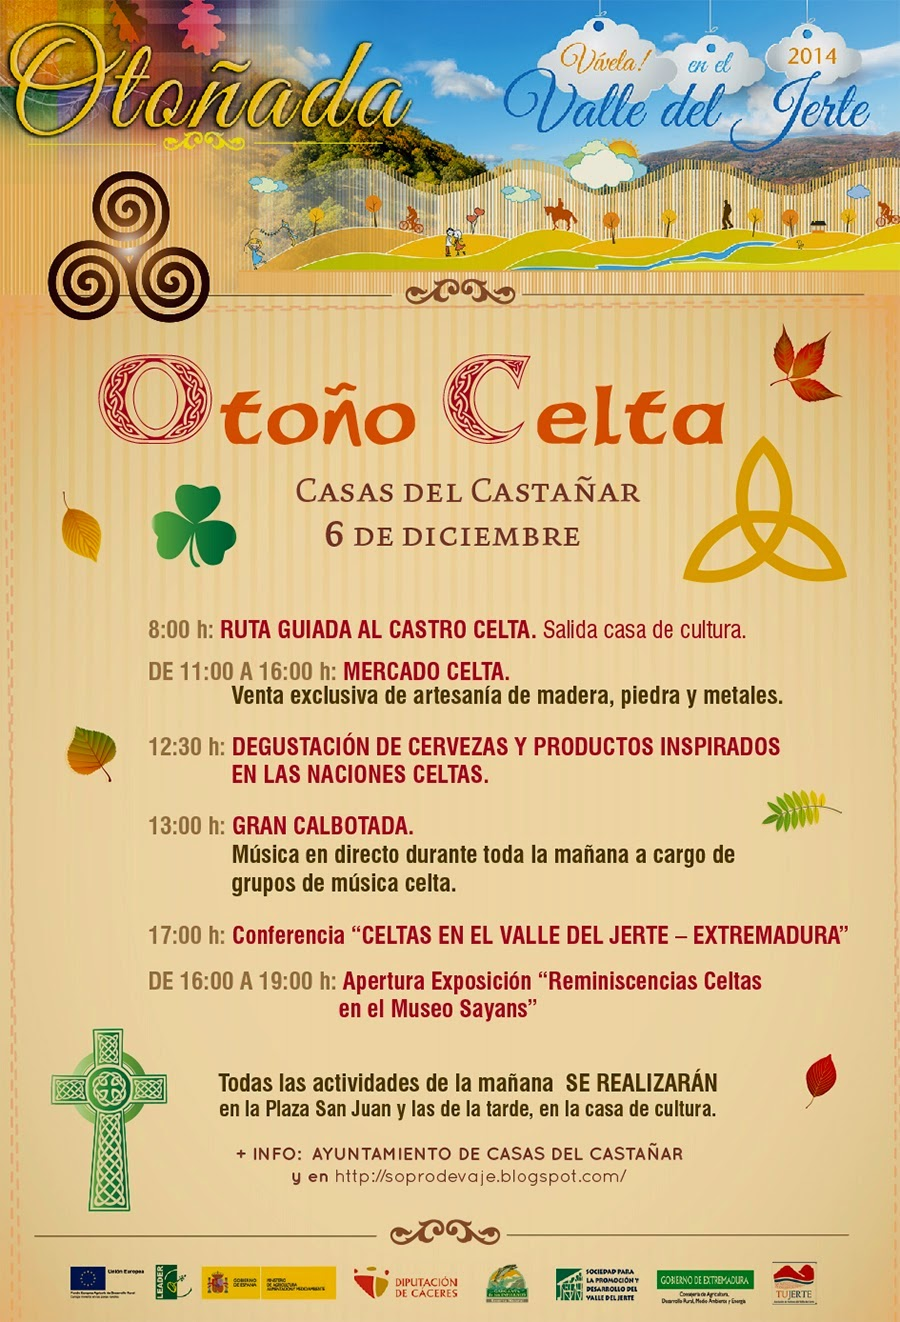 OTOÑO CELTA (Casas del Castañar)